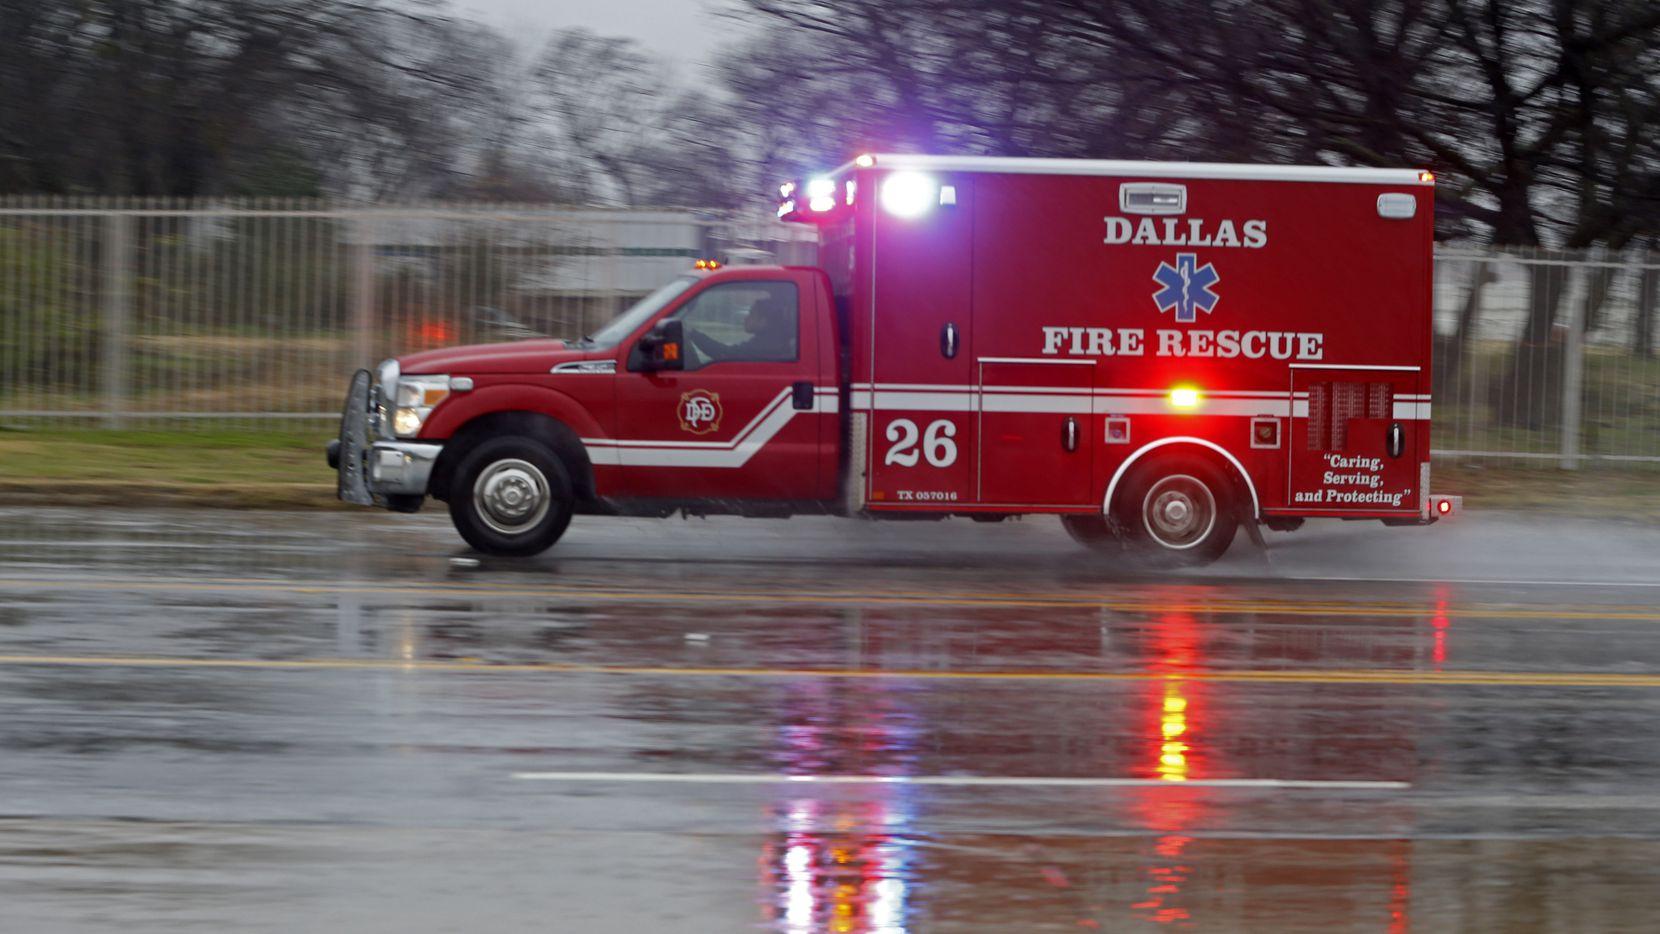 Una ambulancia de Dallas Fire-Rescue fue robada de un hospital en Old East Dallas la madrugada del martes.